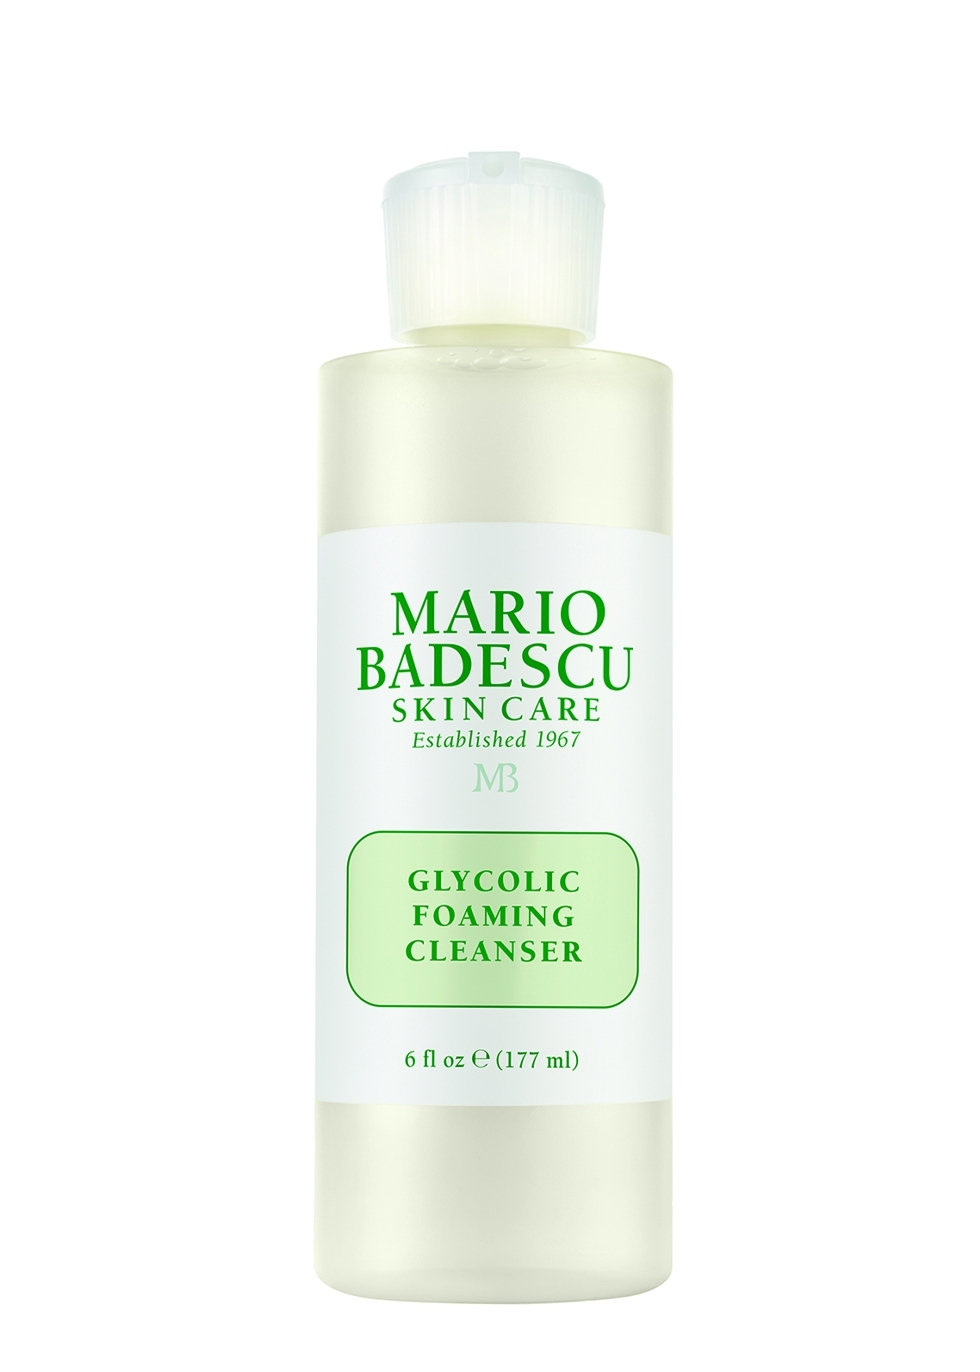 Mario Badescu Glycolic Foaming Cleanser 177ml Harvey Nichols